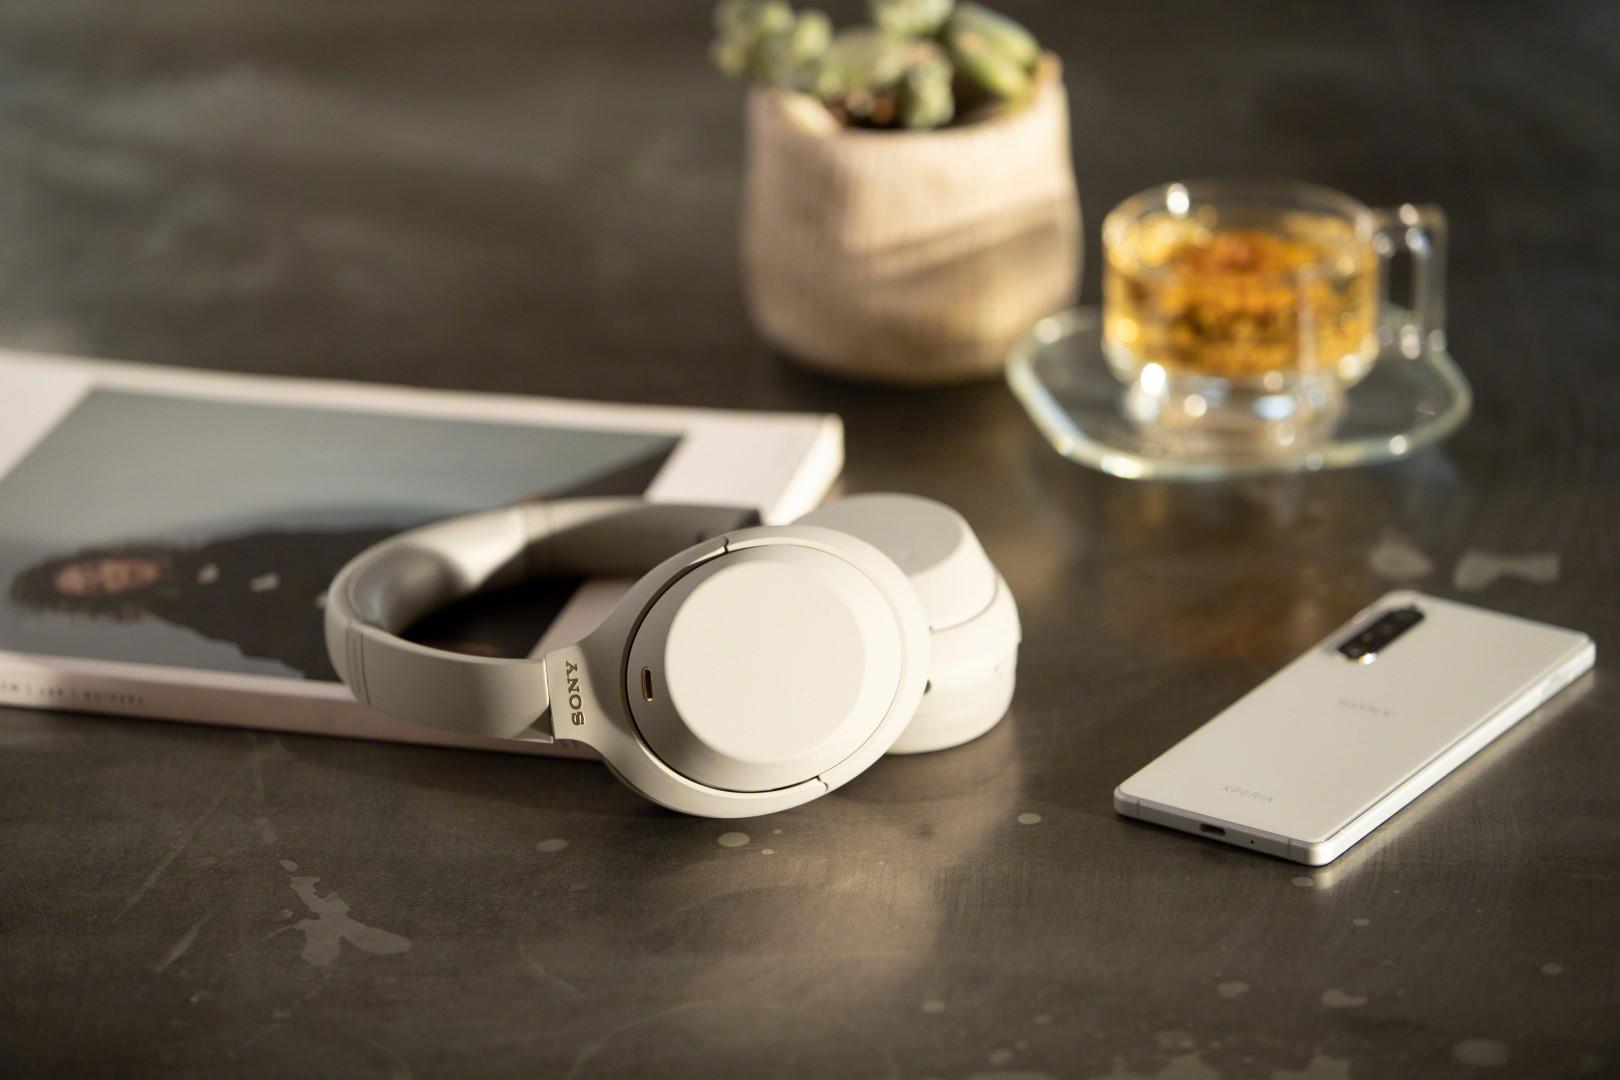 סוני חושפת את XM4: הדור הבא של אוזניות ביטול הרעשים המצליחות שלה